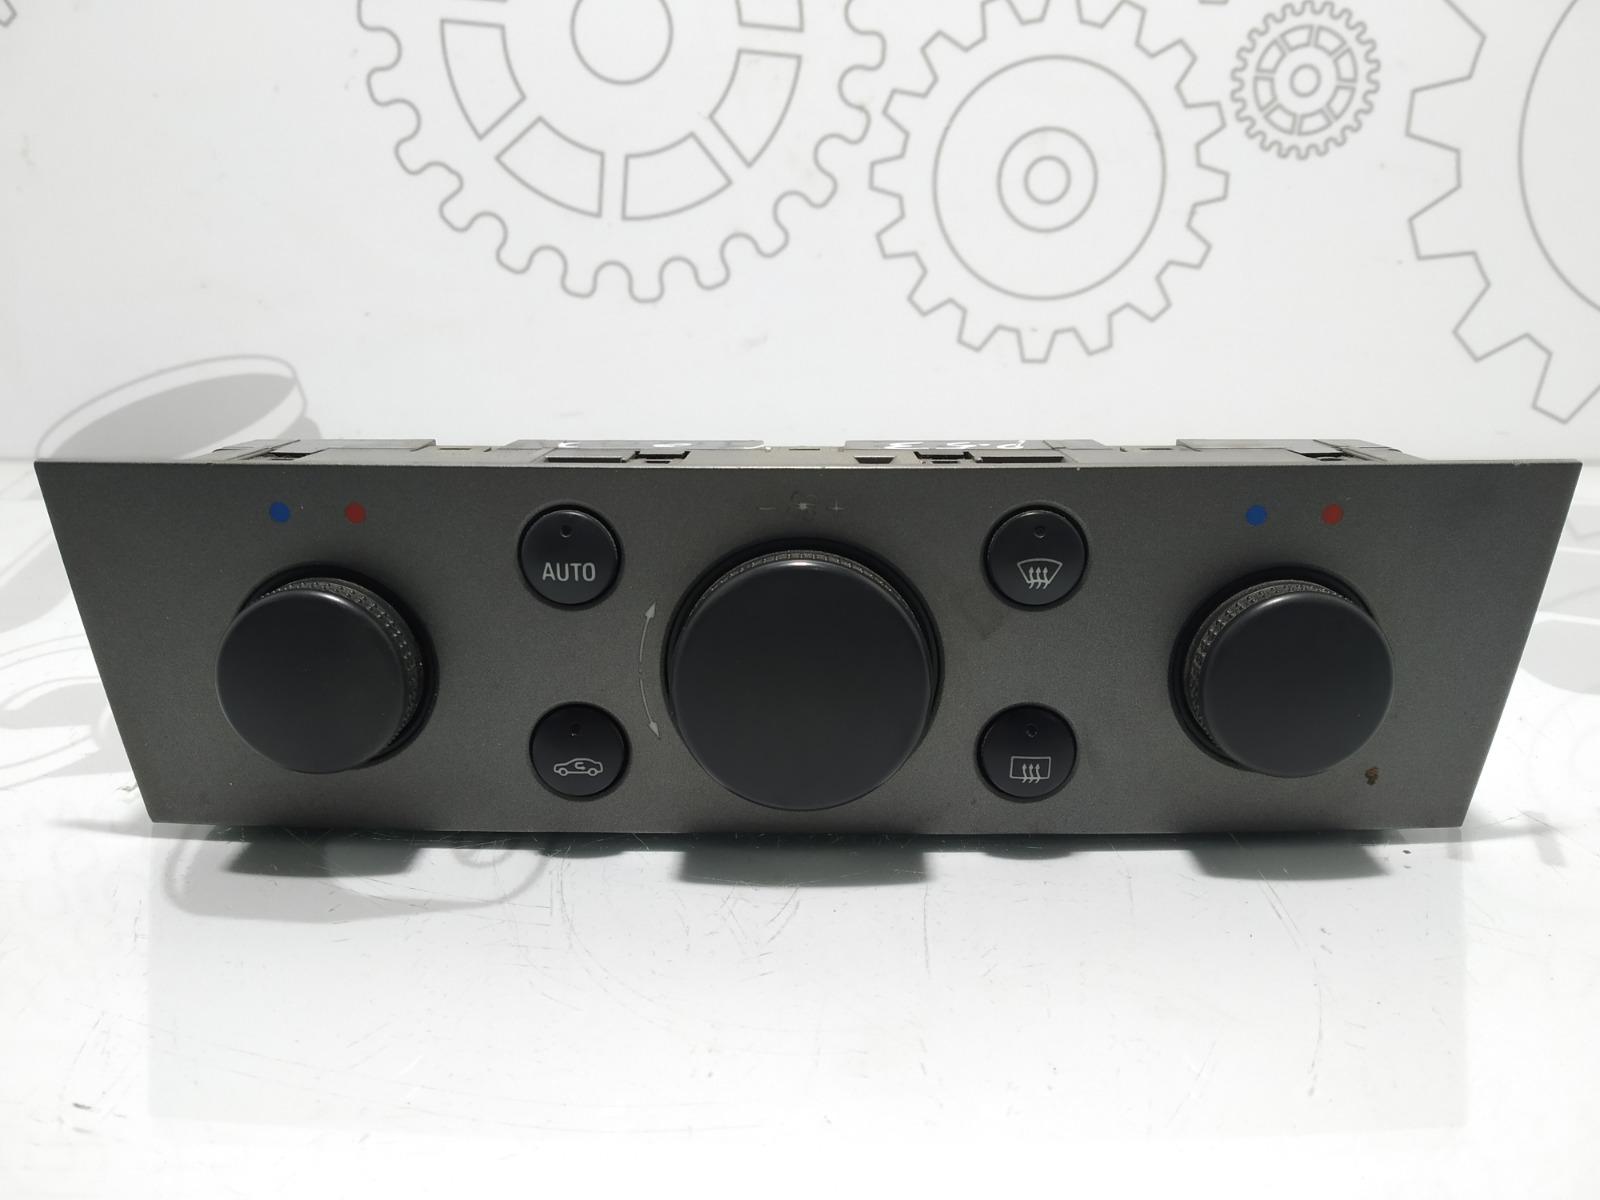 Блок управления печки/климат-контроля Opel Vectra C 3.2 I 2005 (б/у)